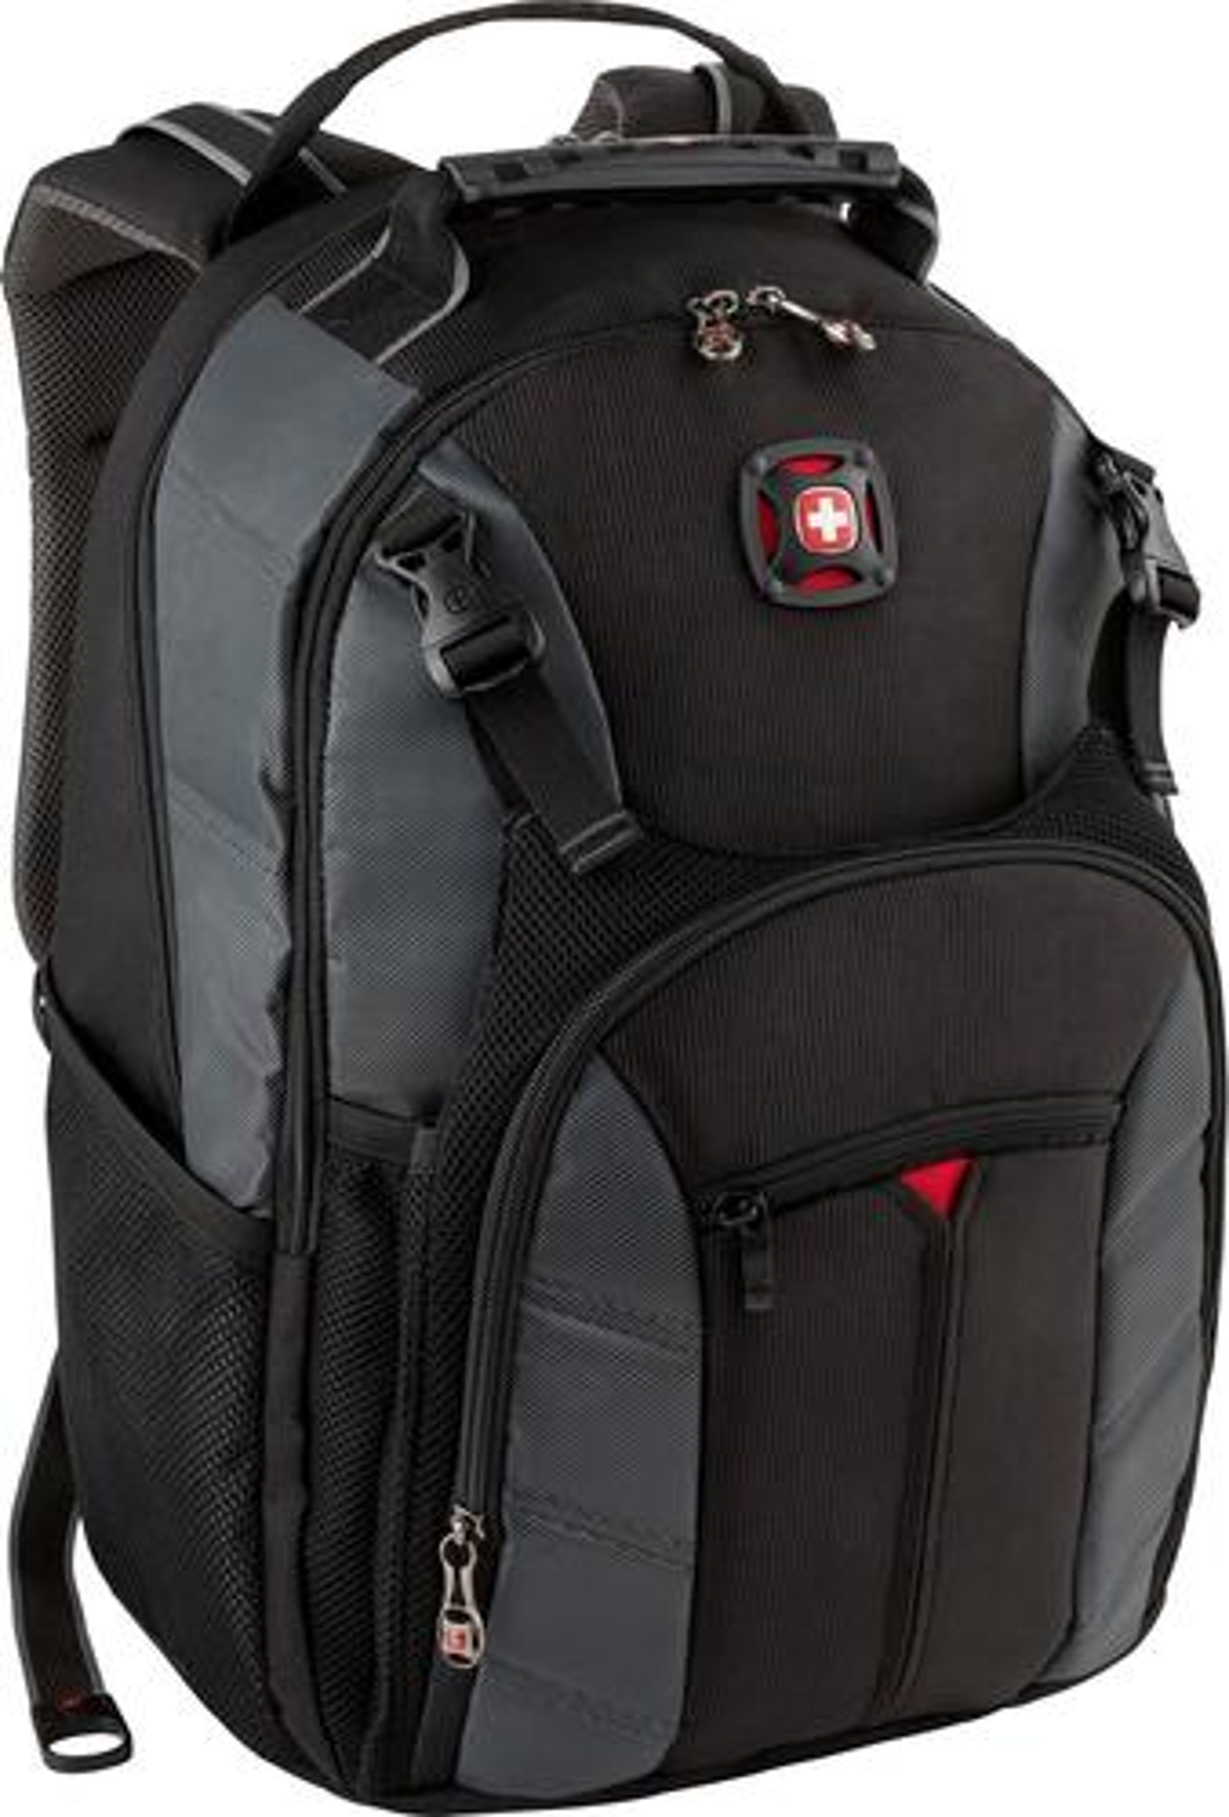 SwissGear Laptop Backpack Gray 27338090 - Best Buy